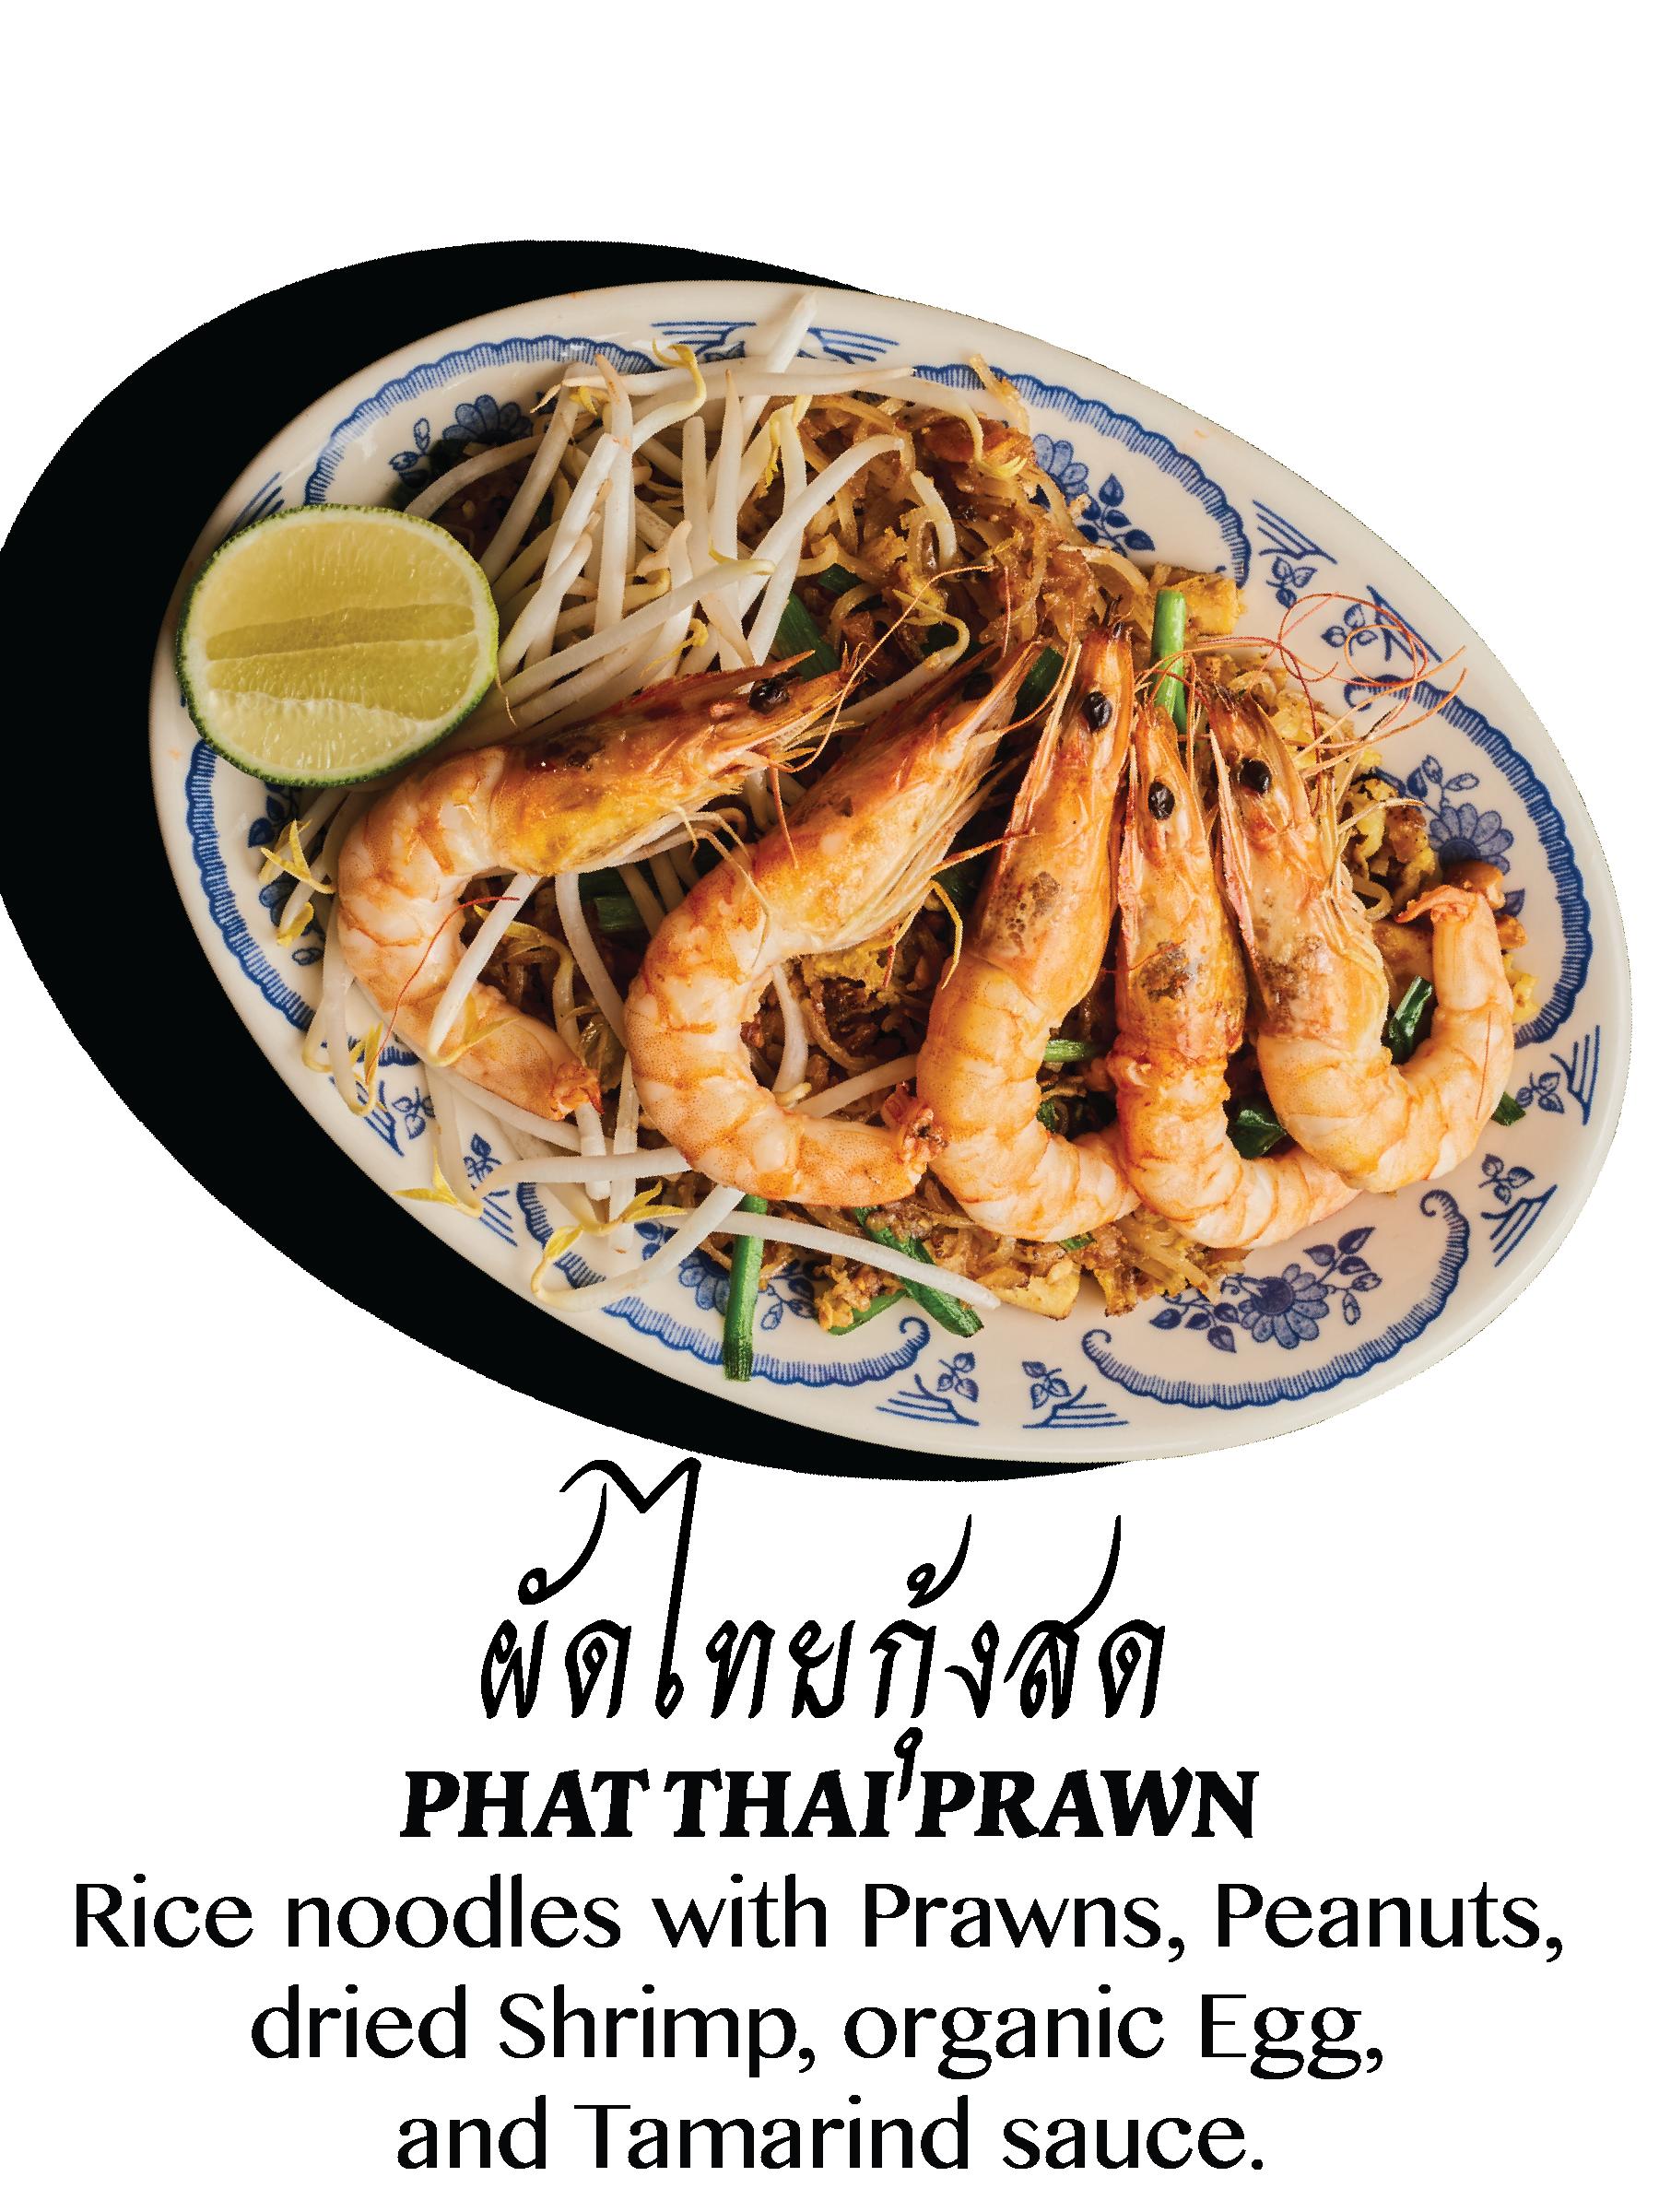 Phat thai prawn